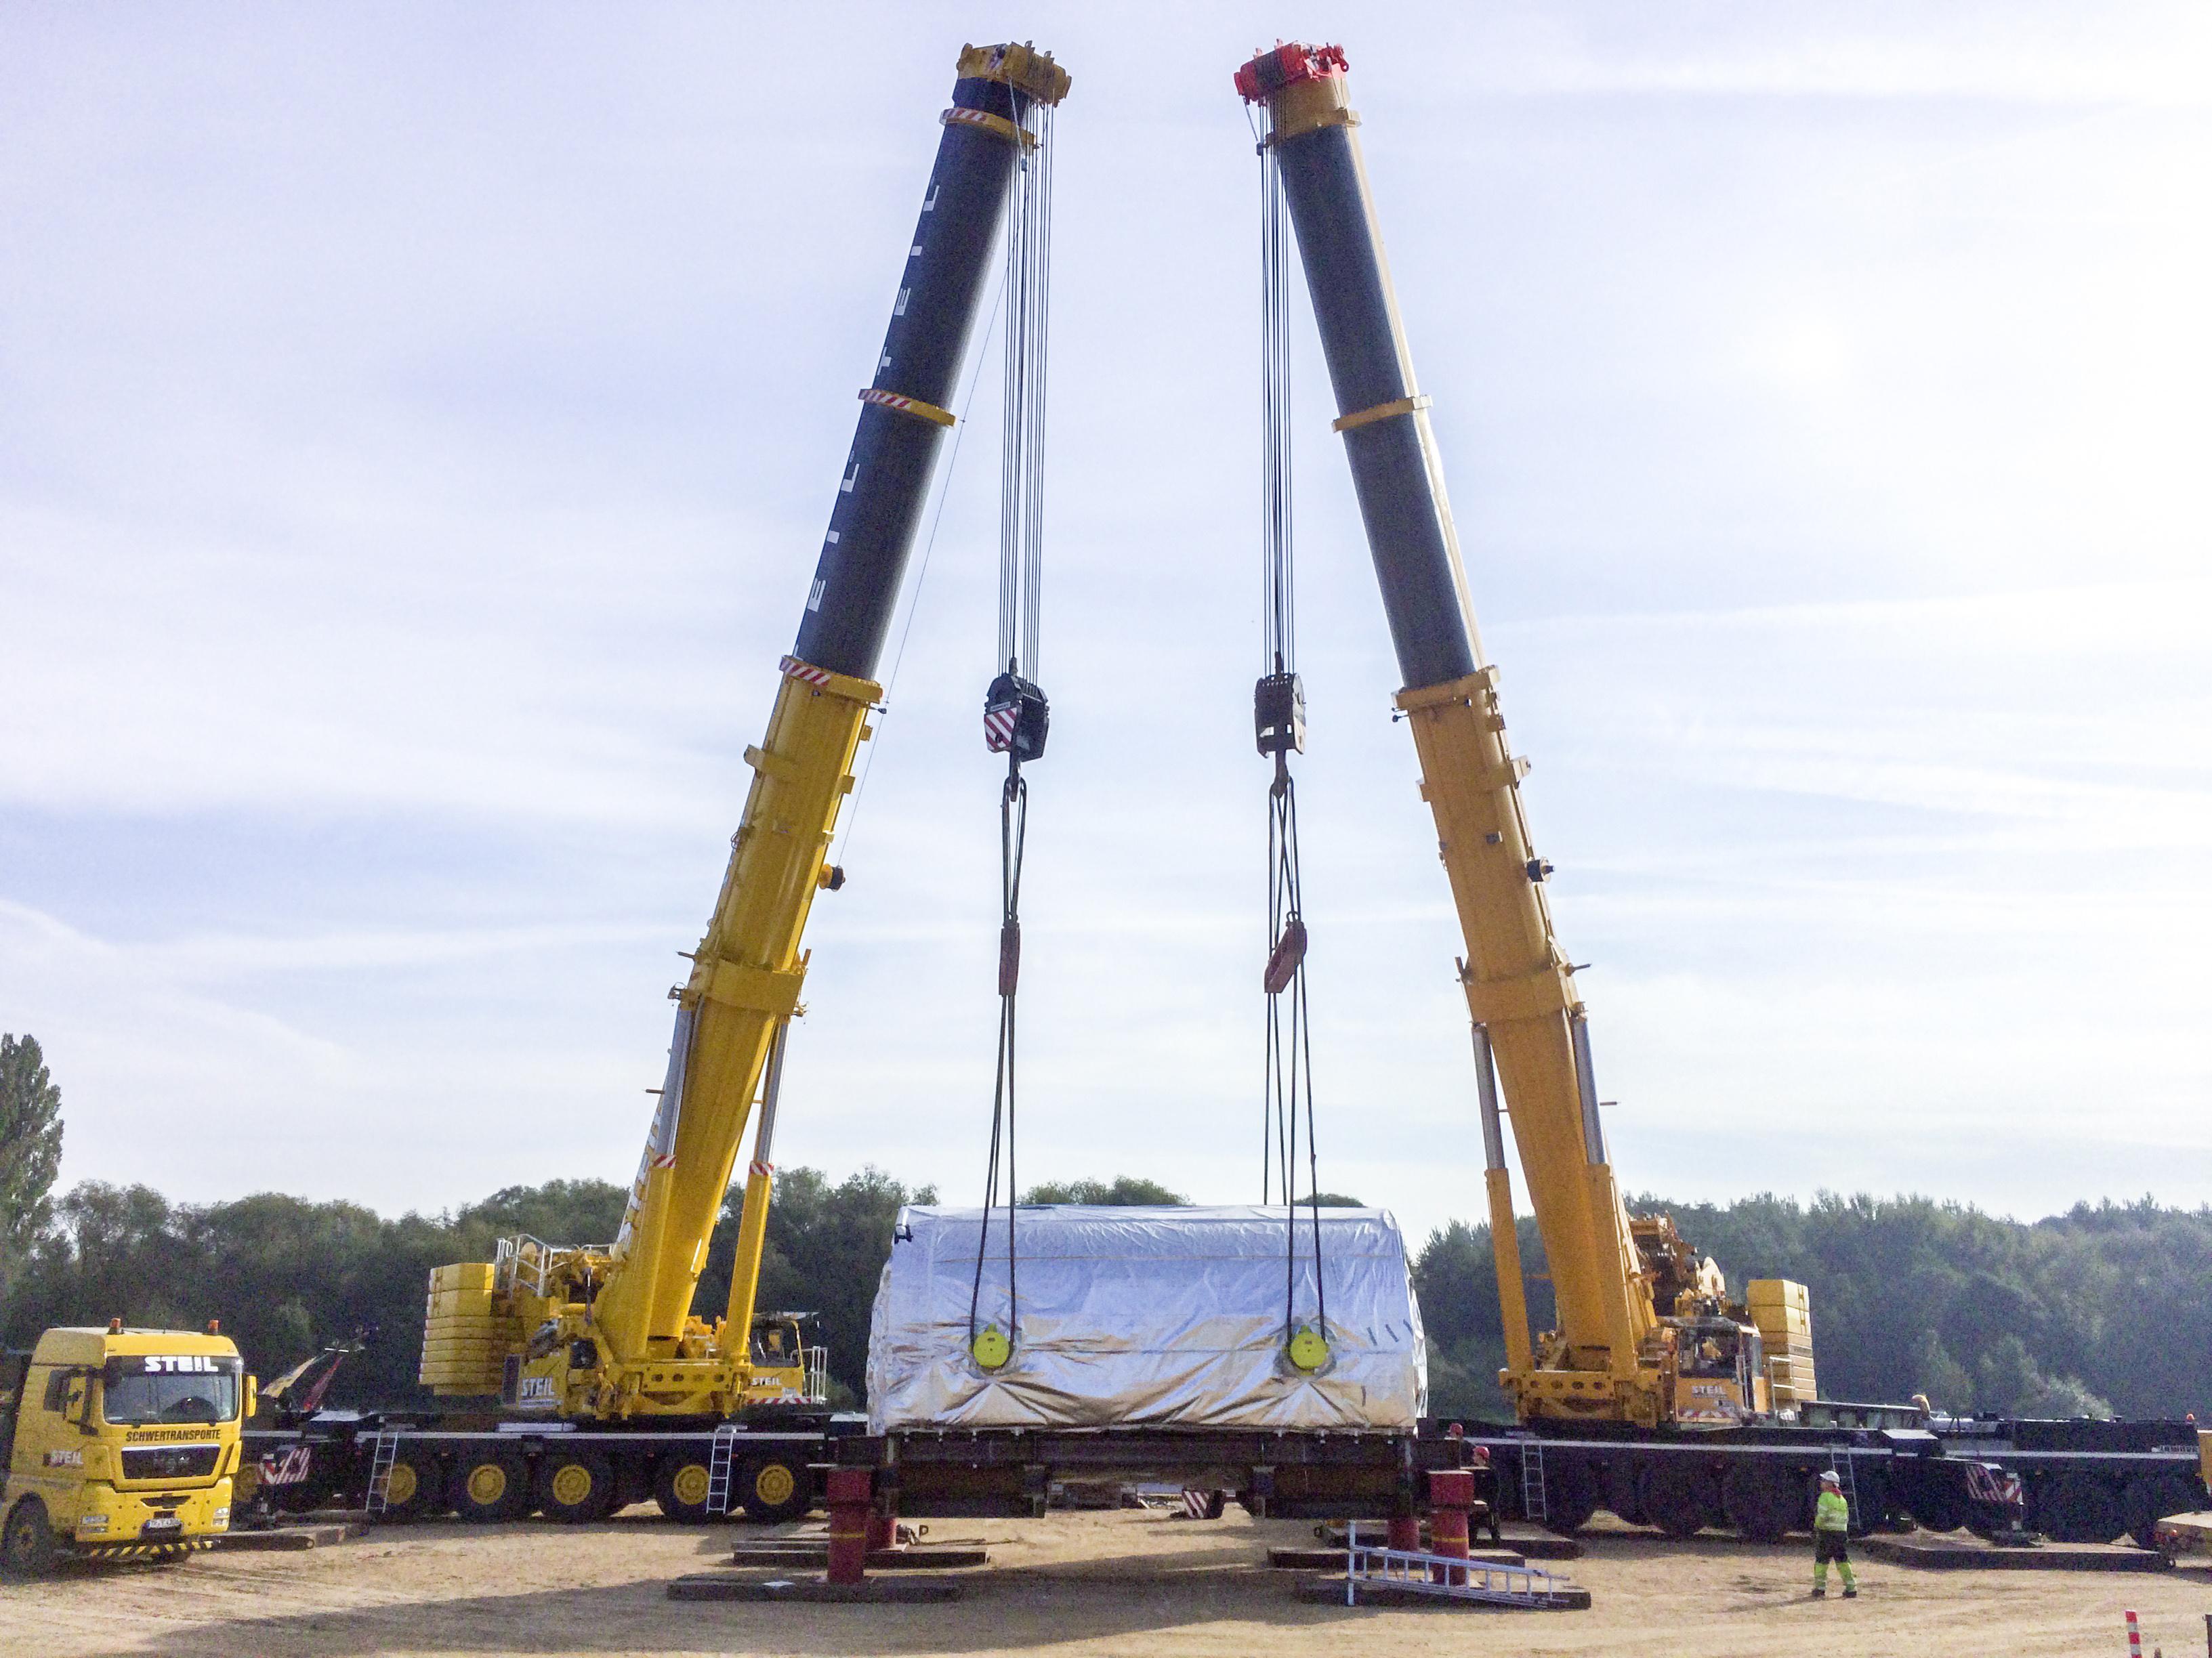 New Liebherr LTM 1500-8 1 All Terrain Crane For Steil